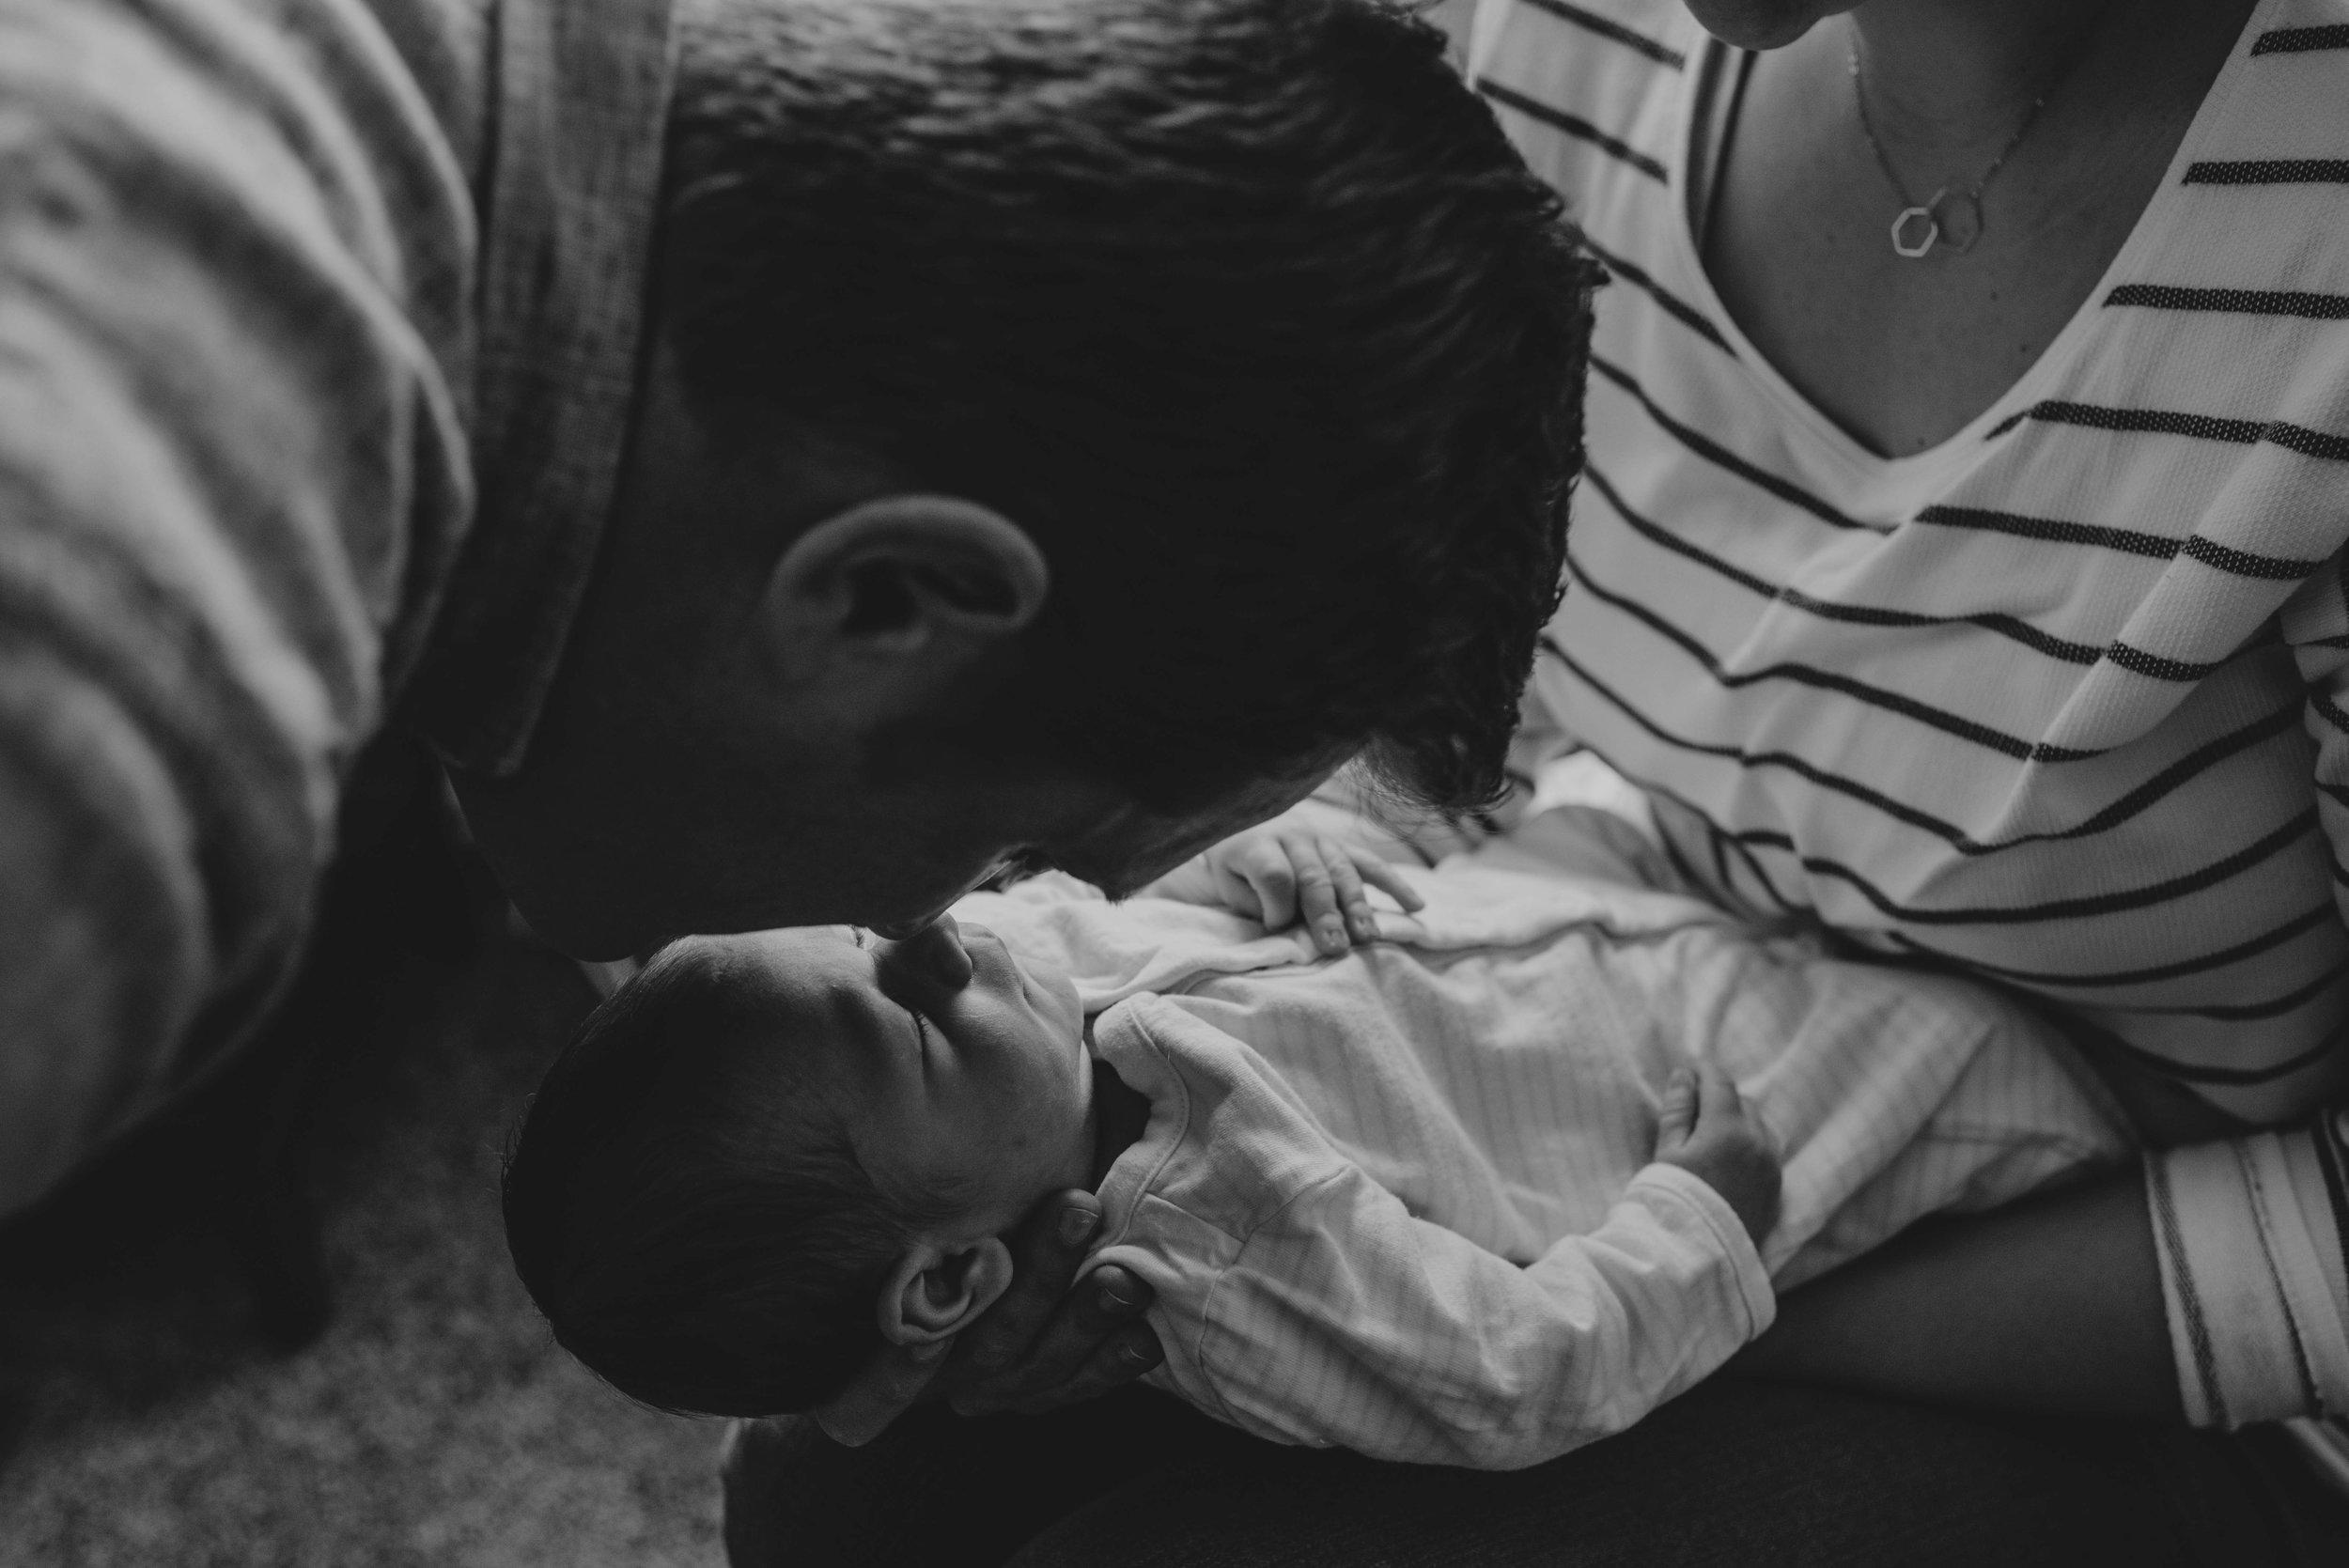 Kristy_Lumsden_Photography_Oscar_Newborn_Lifestyle20170127_0210.jpg